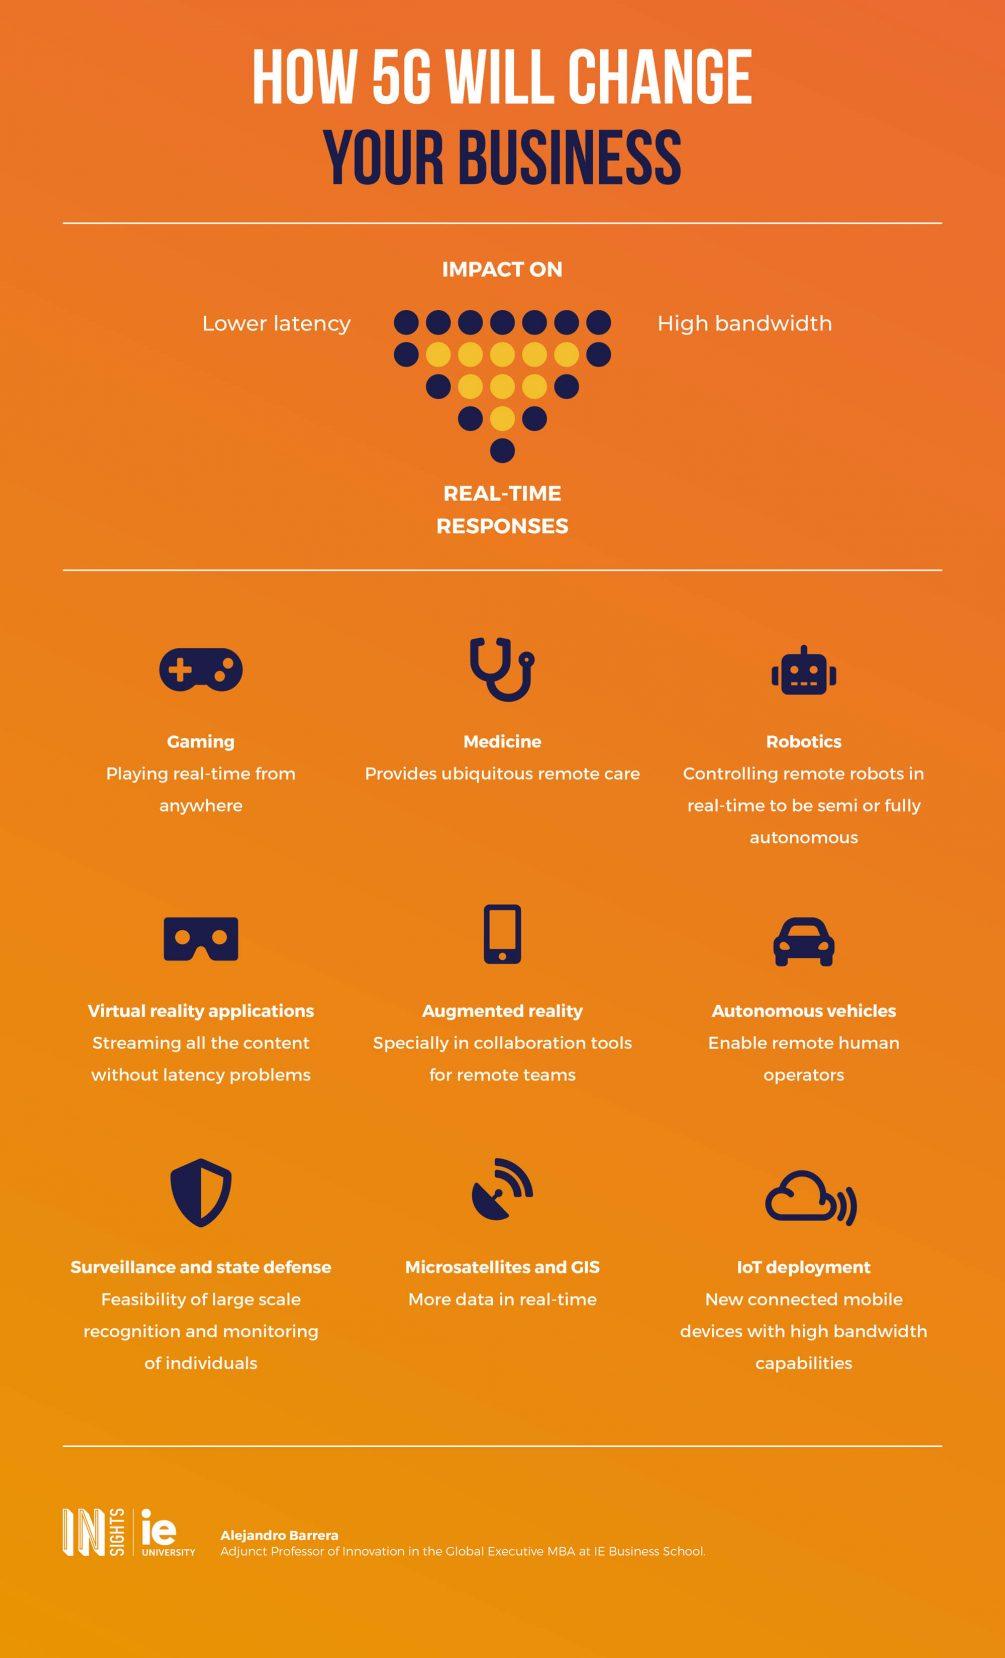 Infografia - Como la 5G cambiara tu negocio eng